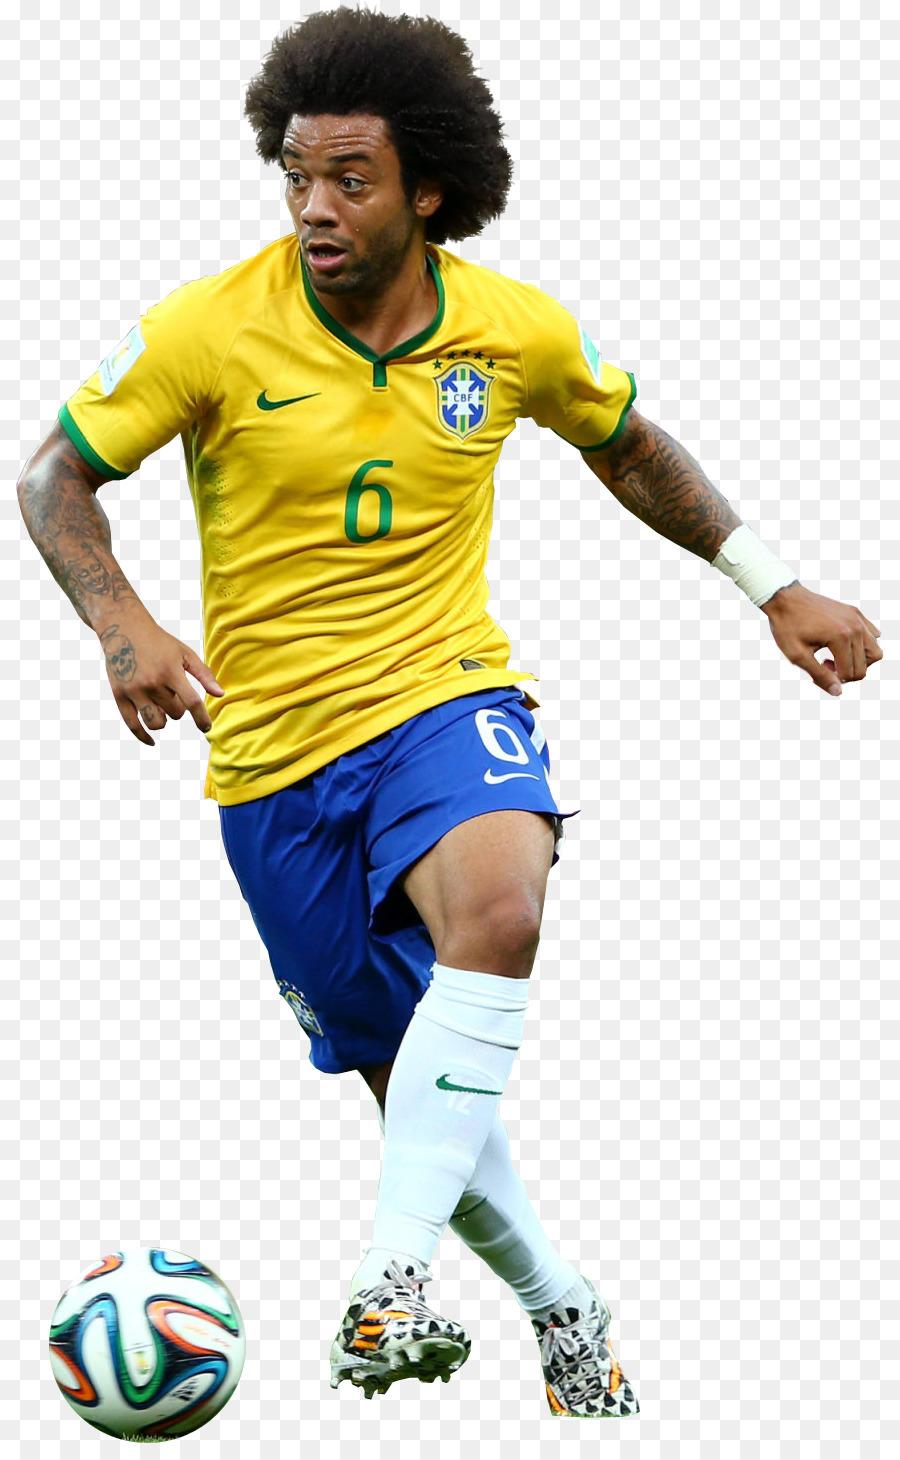 Descarga gratuita de Marcelo Vieira, El Equipo Nacional De Fútbol De Brasil, Jugador De Fútbol imágenes PNG